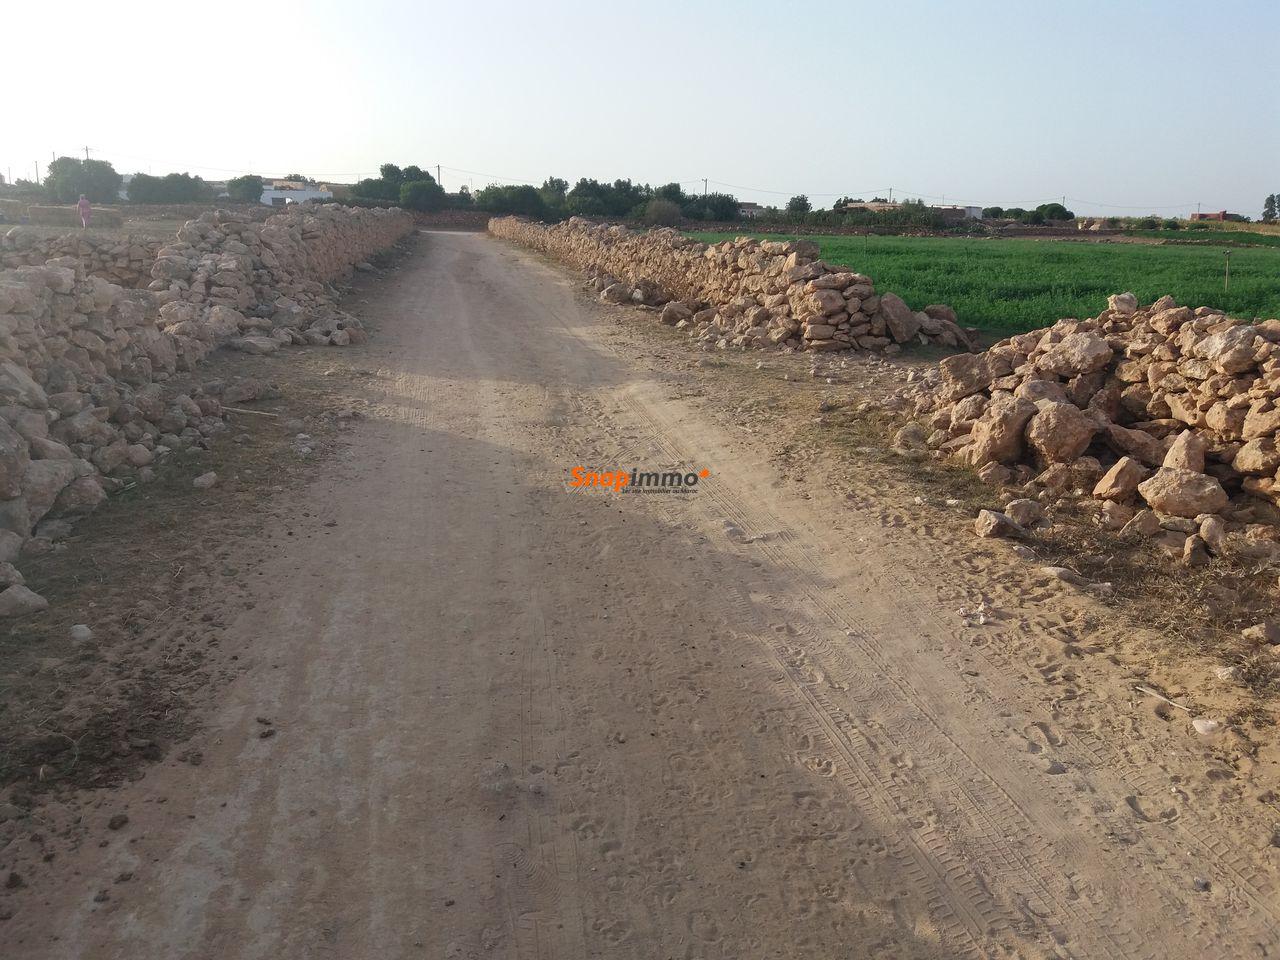 Terrain 1.5 hectare o nase a sidi ismail el jadida - 3/4